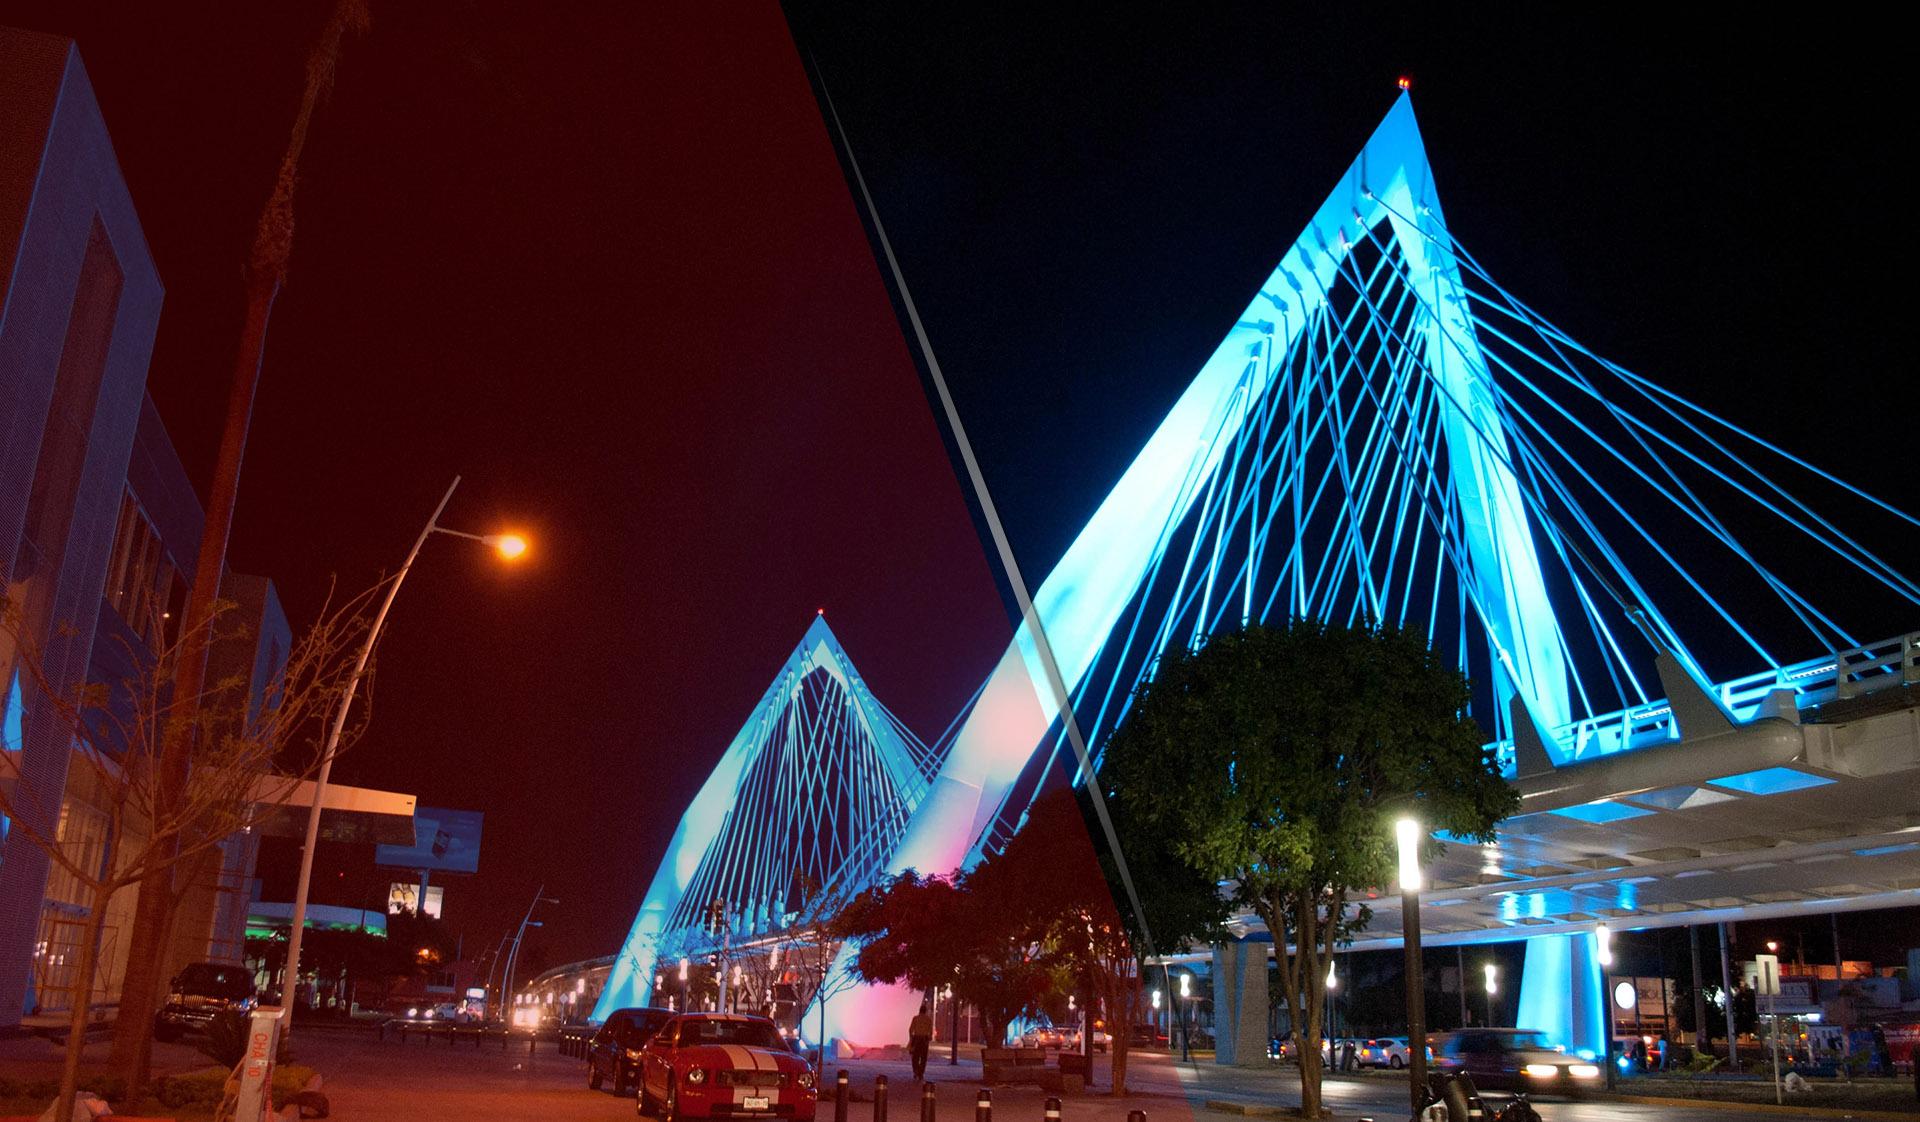 Puente Matute Remus, Guadalajara Jalisco